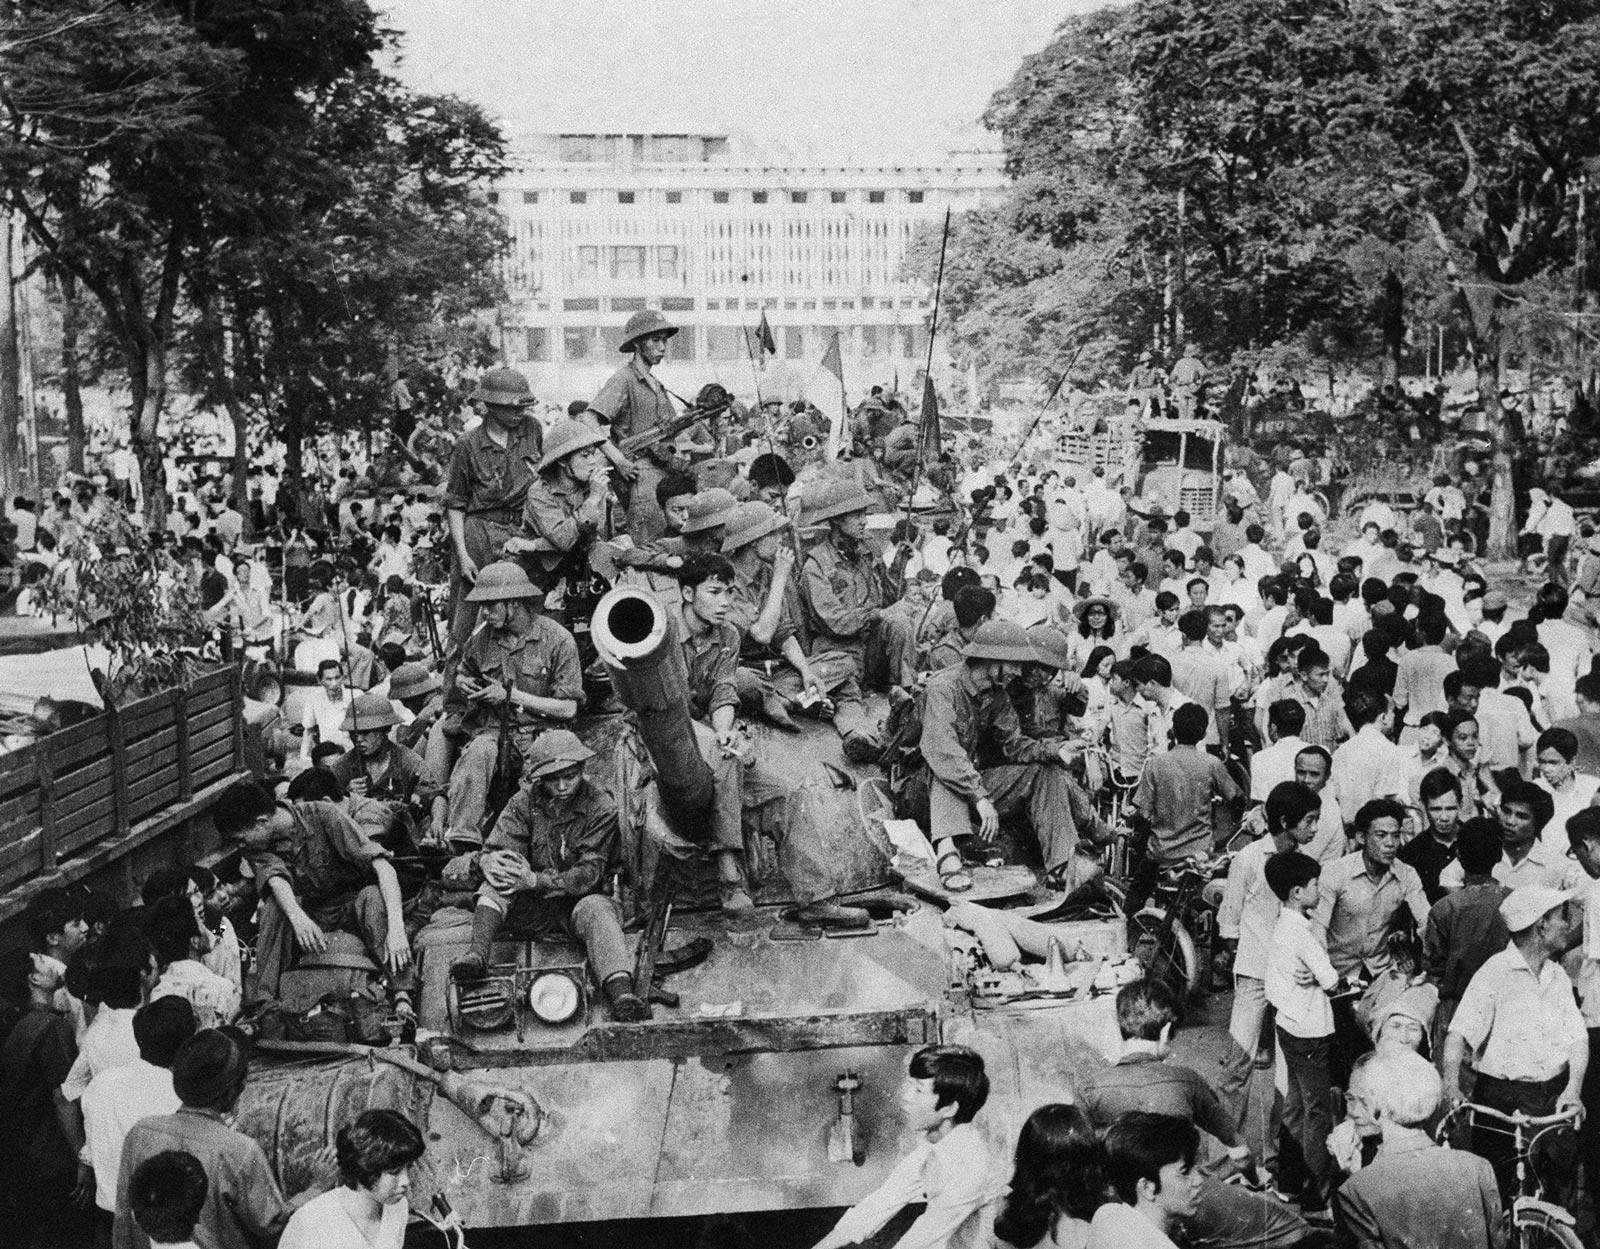 שחרור סייגון: היום לפני 46 שנים שוחררה העיר מהכיבוש האמריקאי